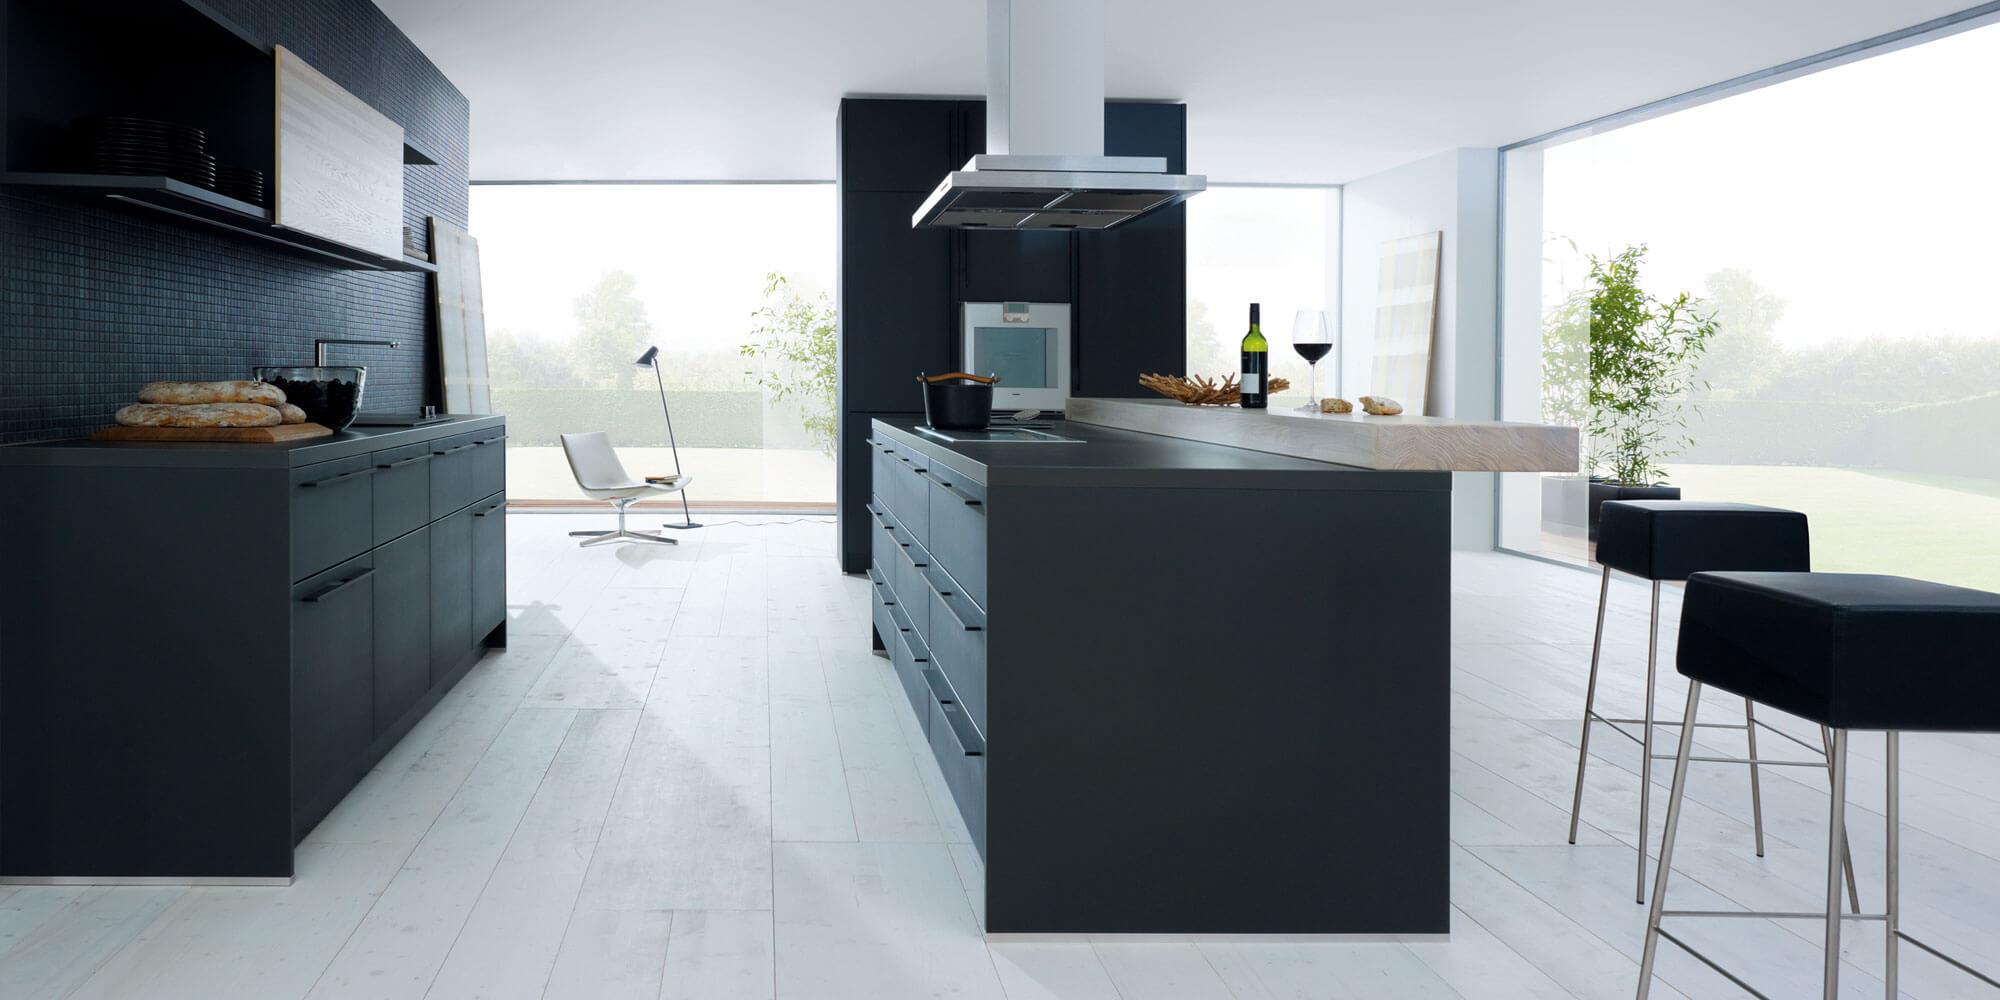 Modernes Küchendesign - Michael Biehler Küchen e.K.